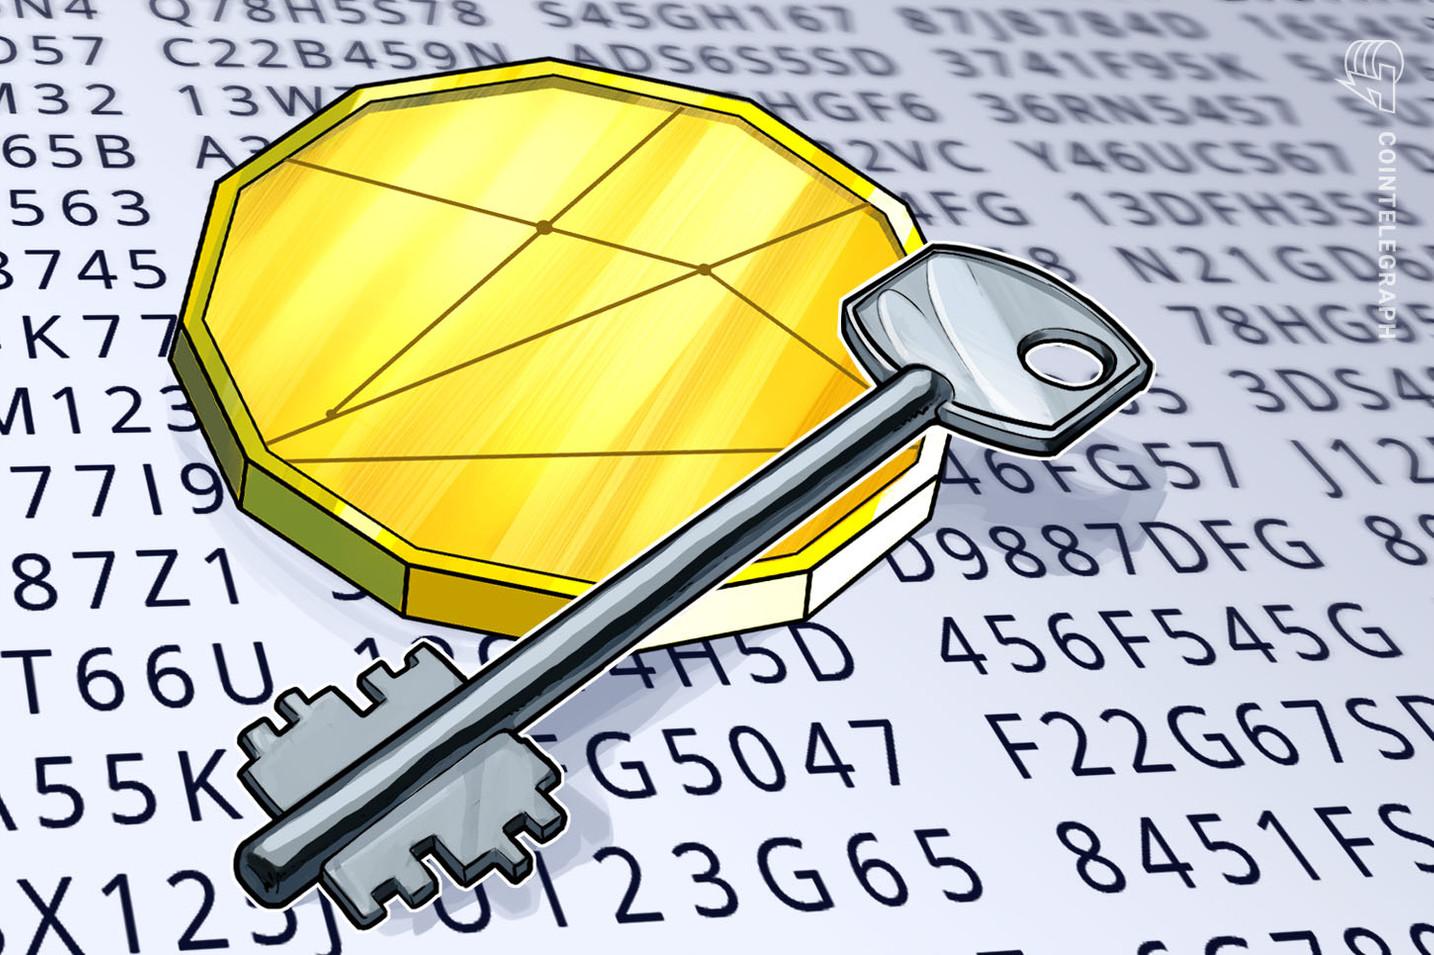 Los usuarios de Coinbase Wallet pueden realizar copias de seguridad de sus claves cifradas en las unidades de Google e iCloud